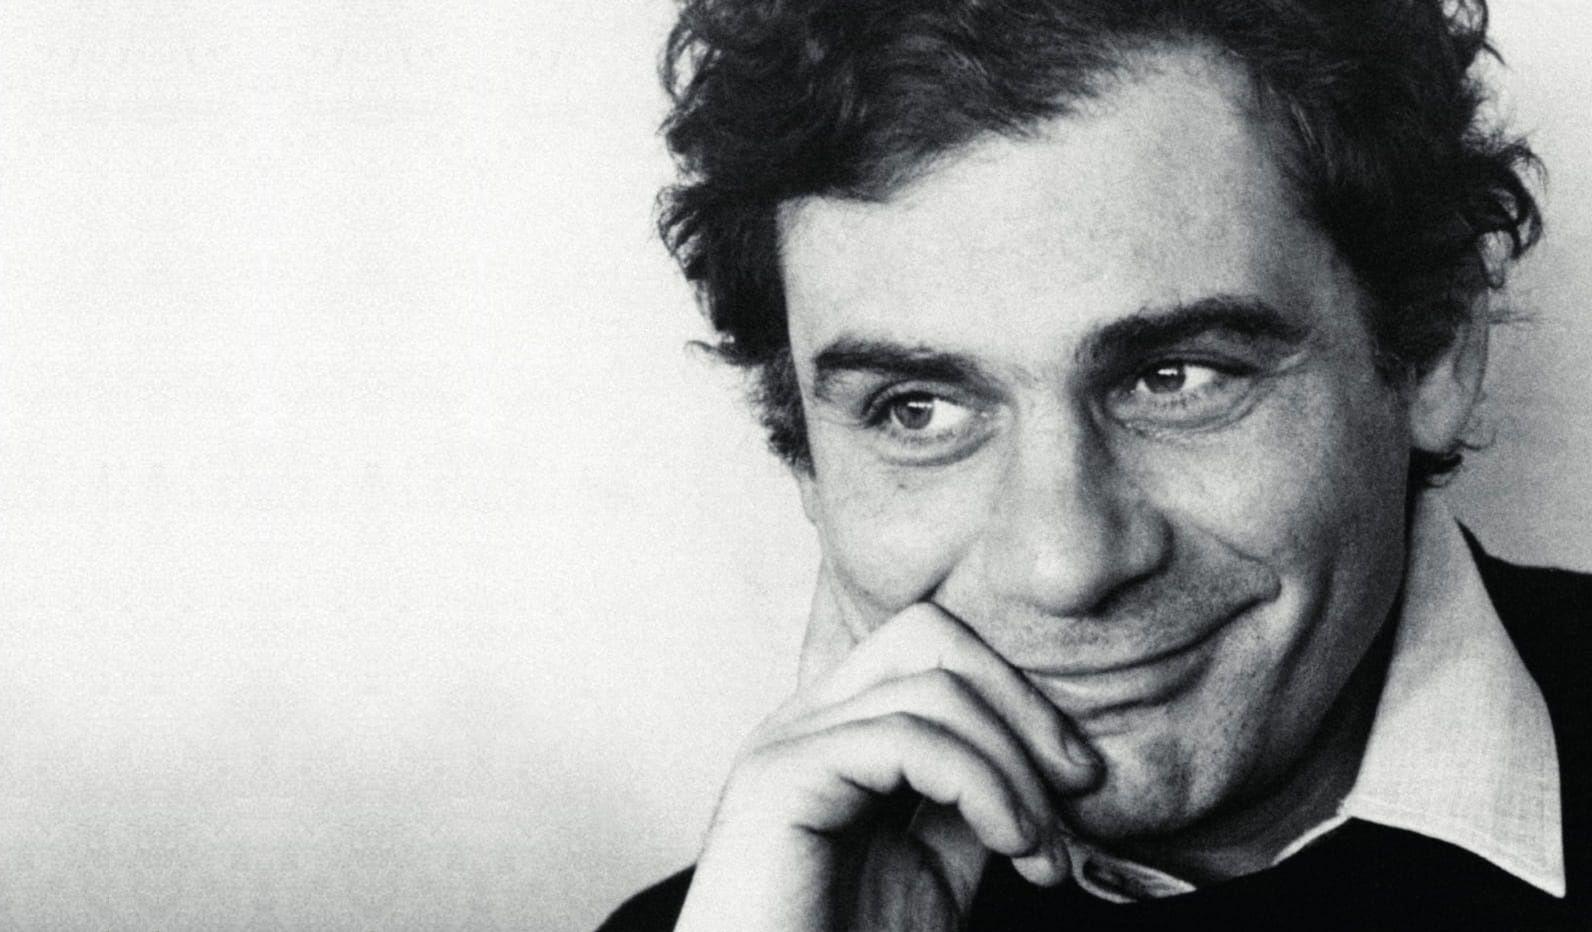 Gian Maria Volonté 0